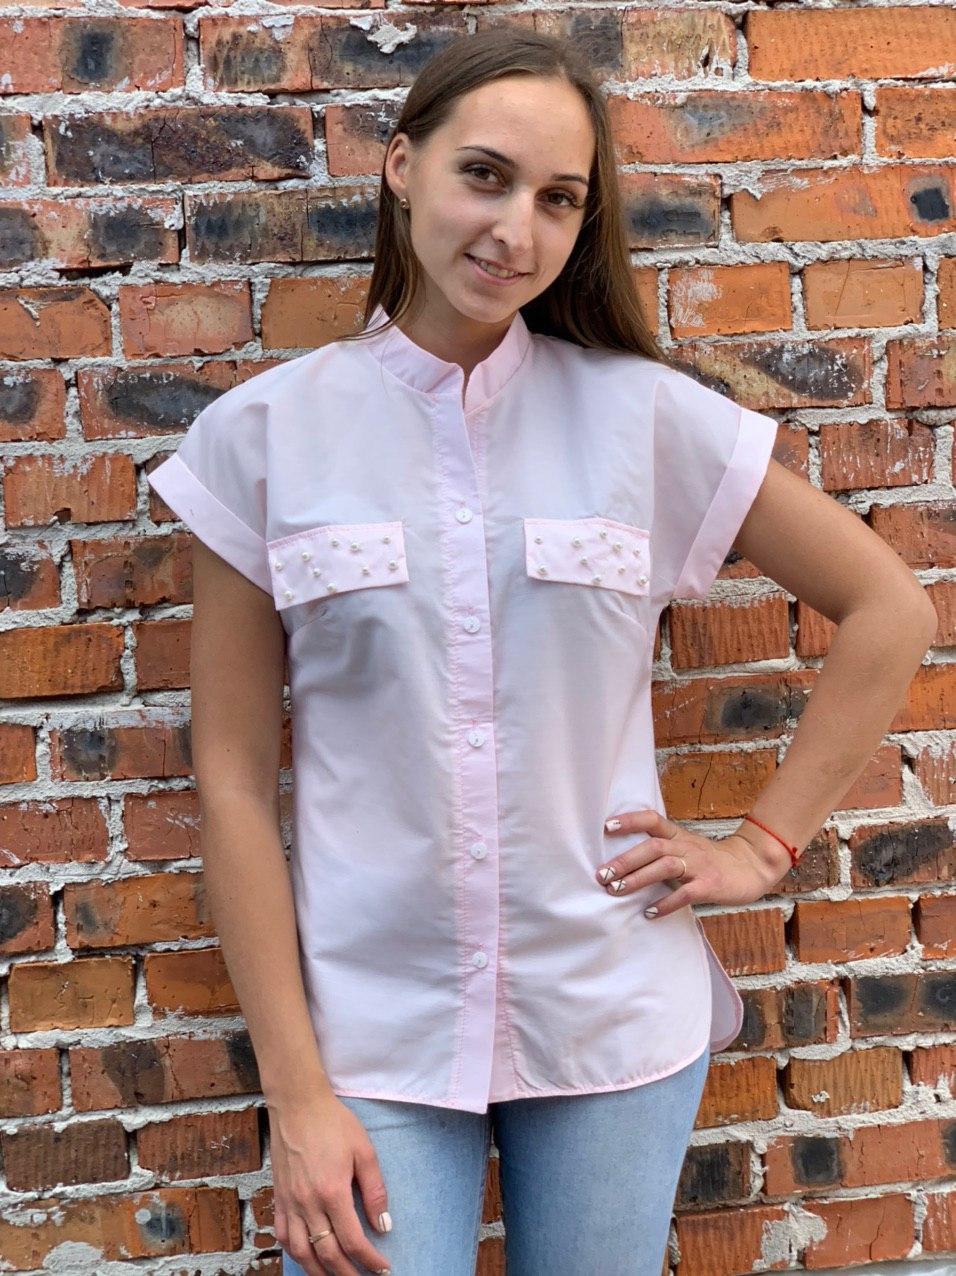 Рубашка с жемчугом с коротким рукавом.